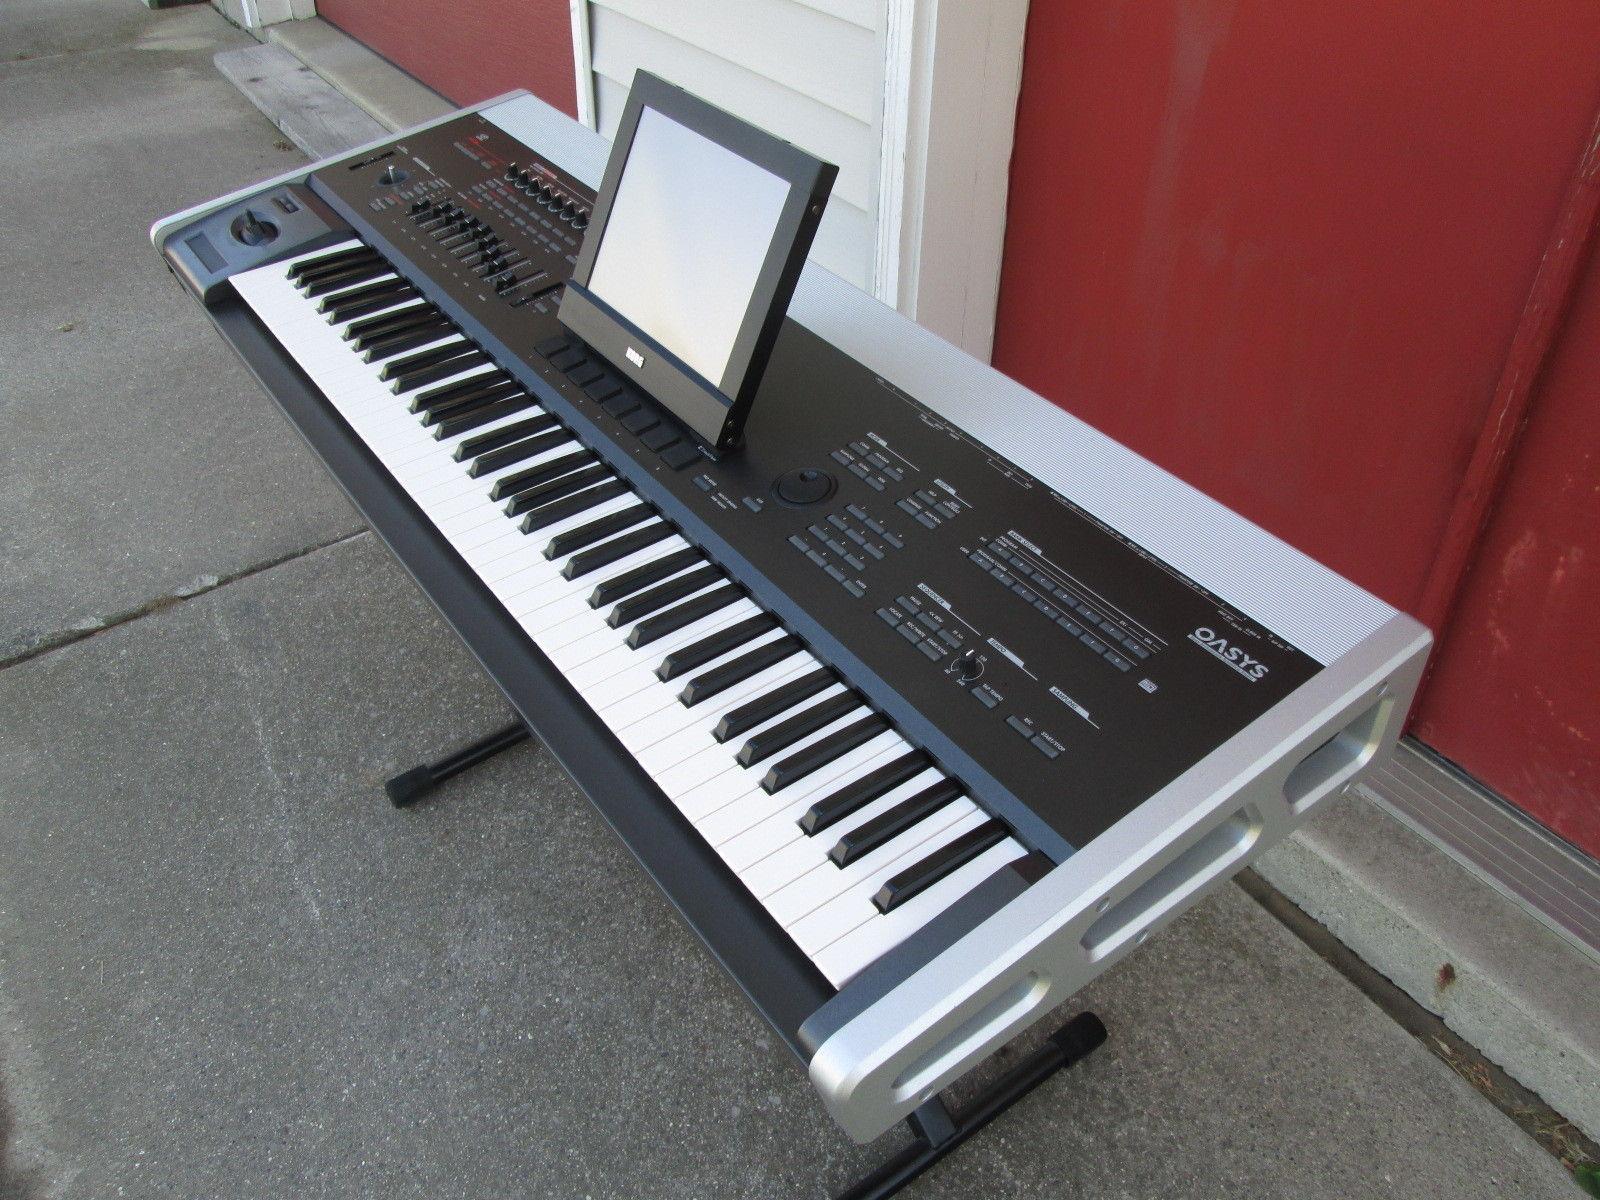 Oasys Keyboard Workstation : matrixsynth korg oasys 76 keyboard synthesizer workstation sn 000257 ~ Russianpoet.info Haus und Dekorationen